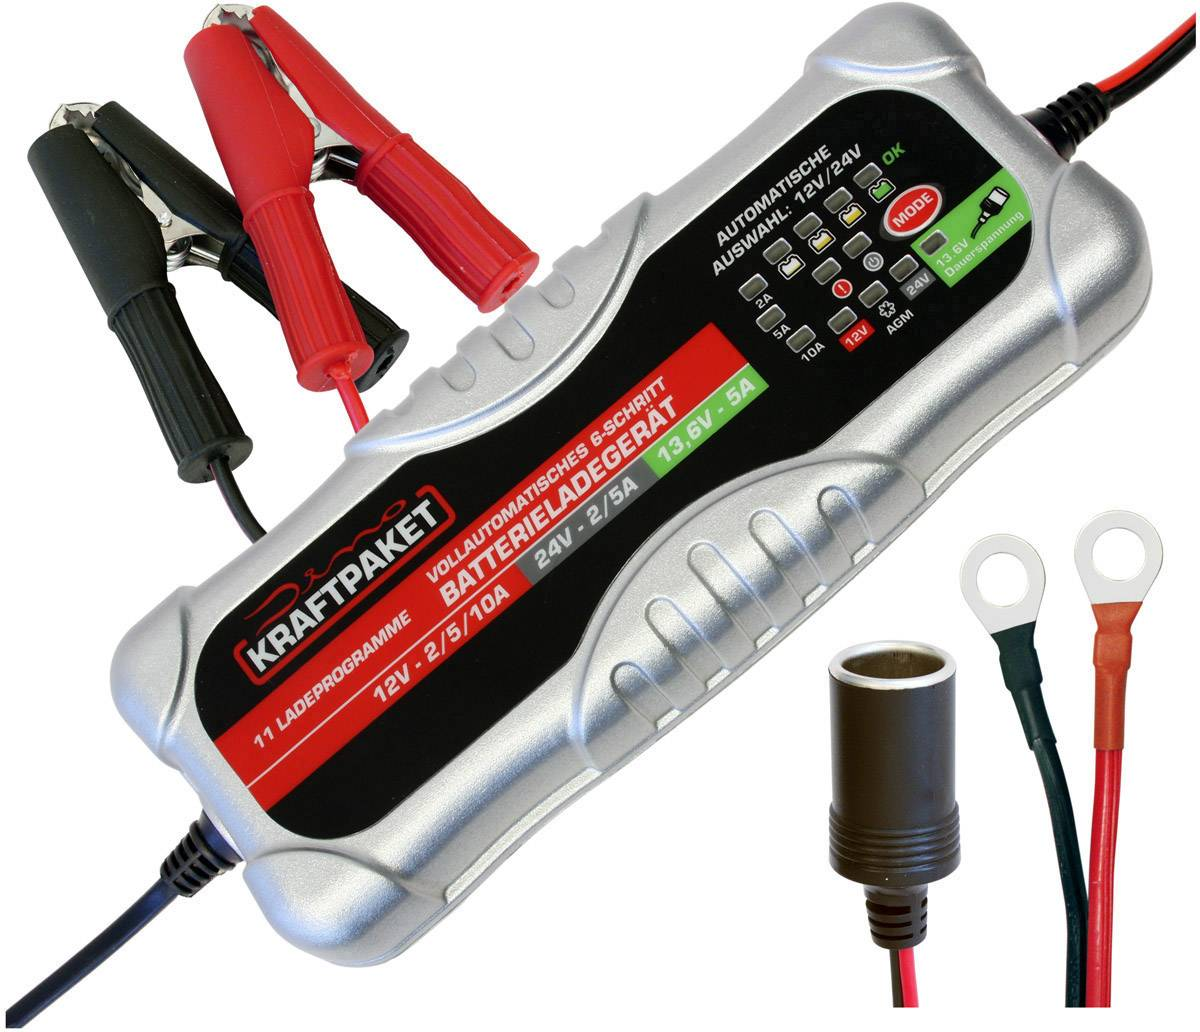 Dino KRAFTPAKET 136302 Automatikladegerät, Batterie Ladungsausgleicher, Kfz Ladegerät 10 A, 5 A, 2 A 5 A, 2 A